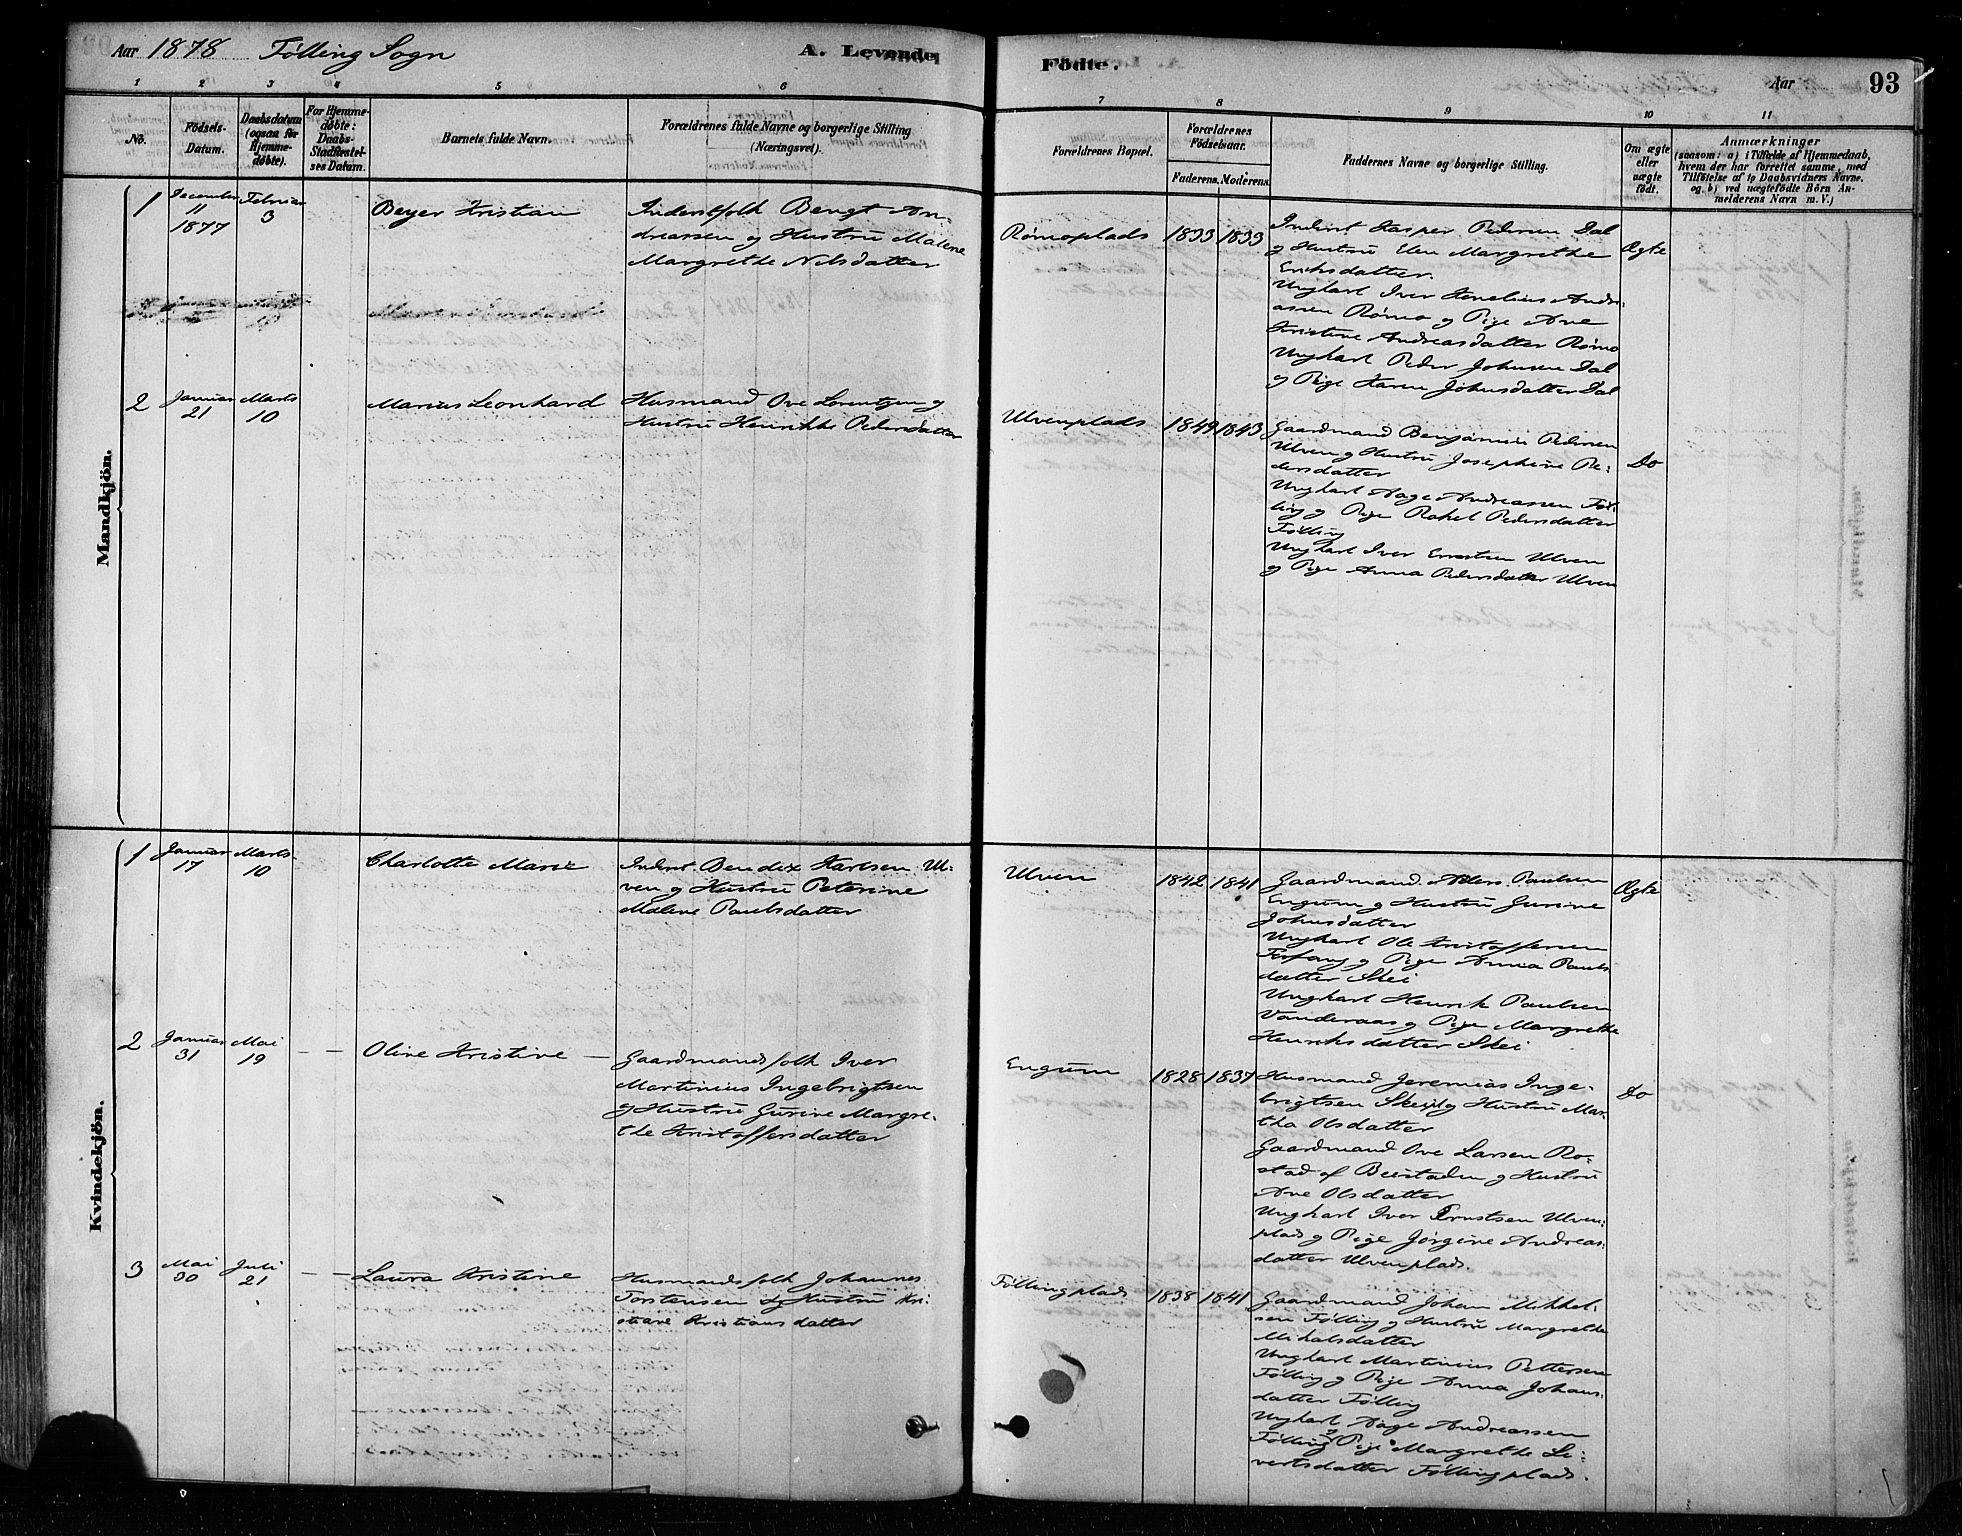 SAT, Ministerialprotokoller, klokkerbøker og fødselsregistre - Nord-Trøndelag, 746/L0449: Ministerialbok nr. 746A07 /3, 1878-1899, s. 93